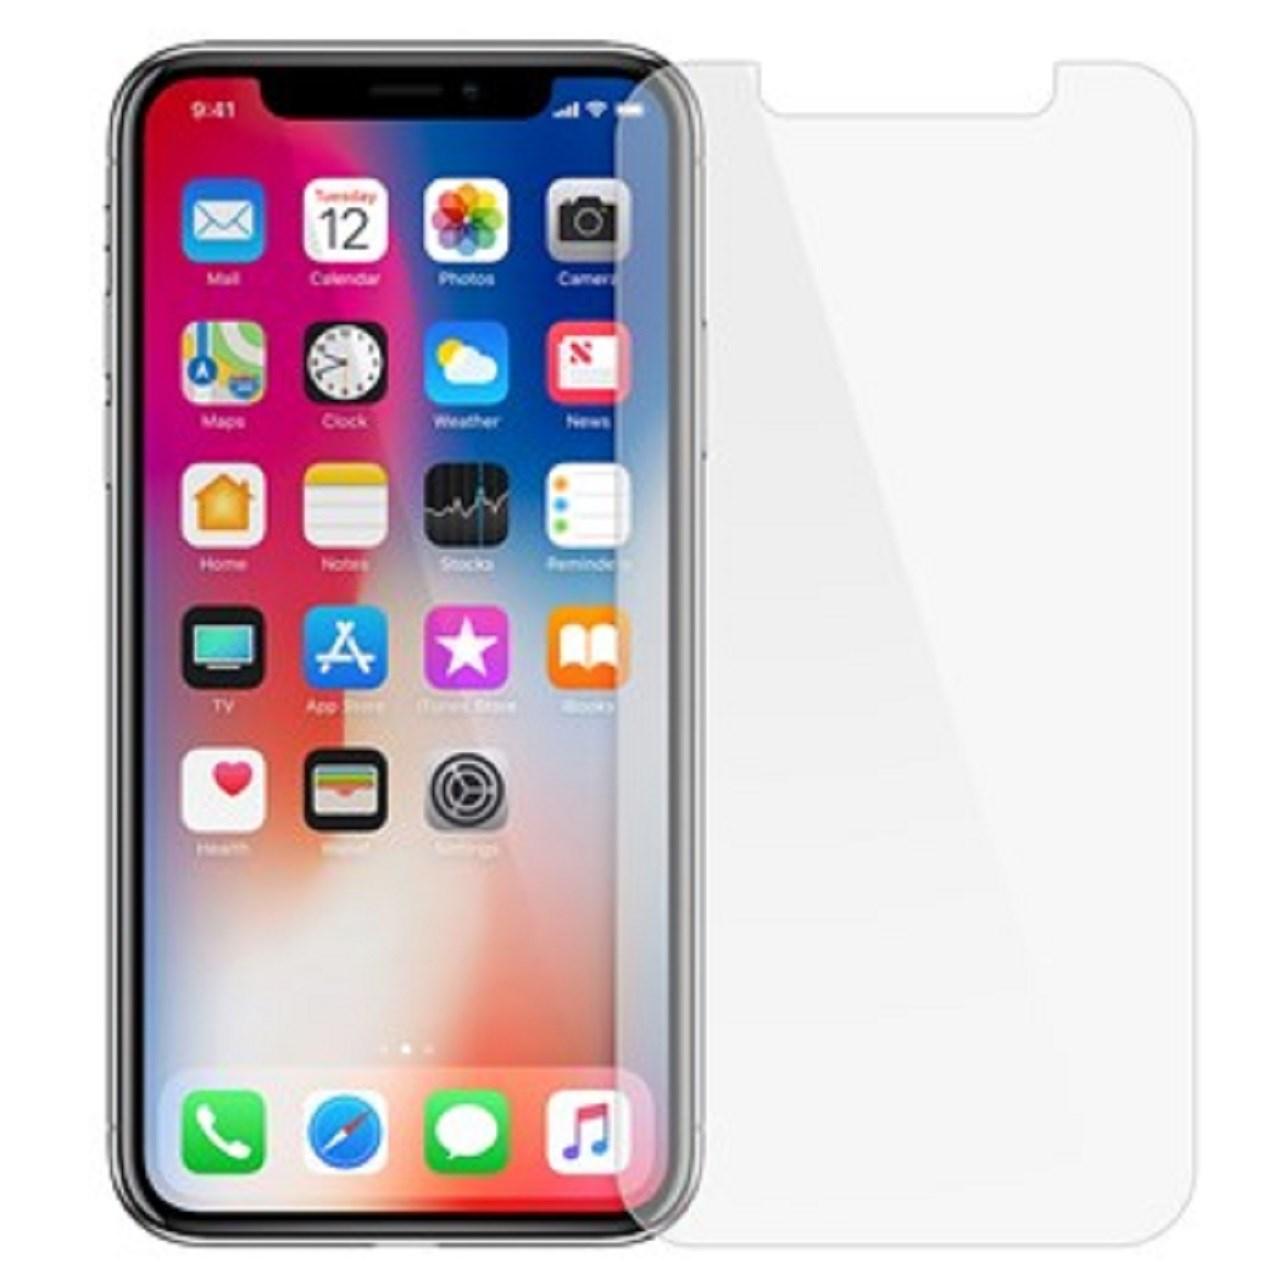 محافظ صفحه نمایش گلس پرو پلاس مدل Premium Tempered مناسب برای گوشی موبایل اپل آیفون x